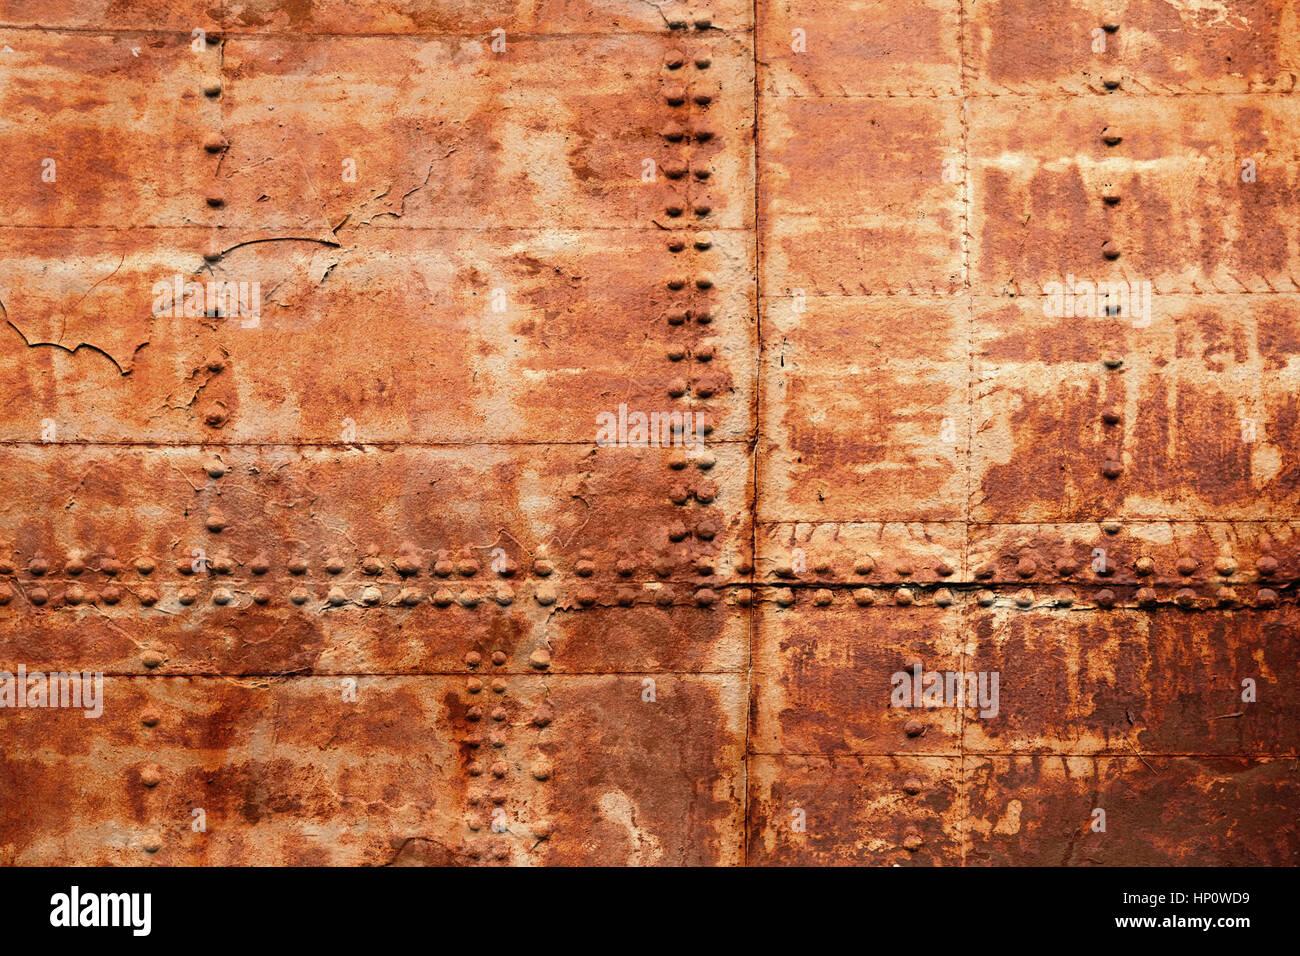 vieux bateau rouill fragment de la coque des t les de fer avec rivets texture de fond photo. Black Bedroom Furniture Sets. Home Design Ideas